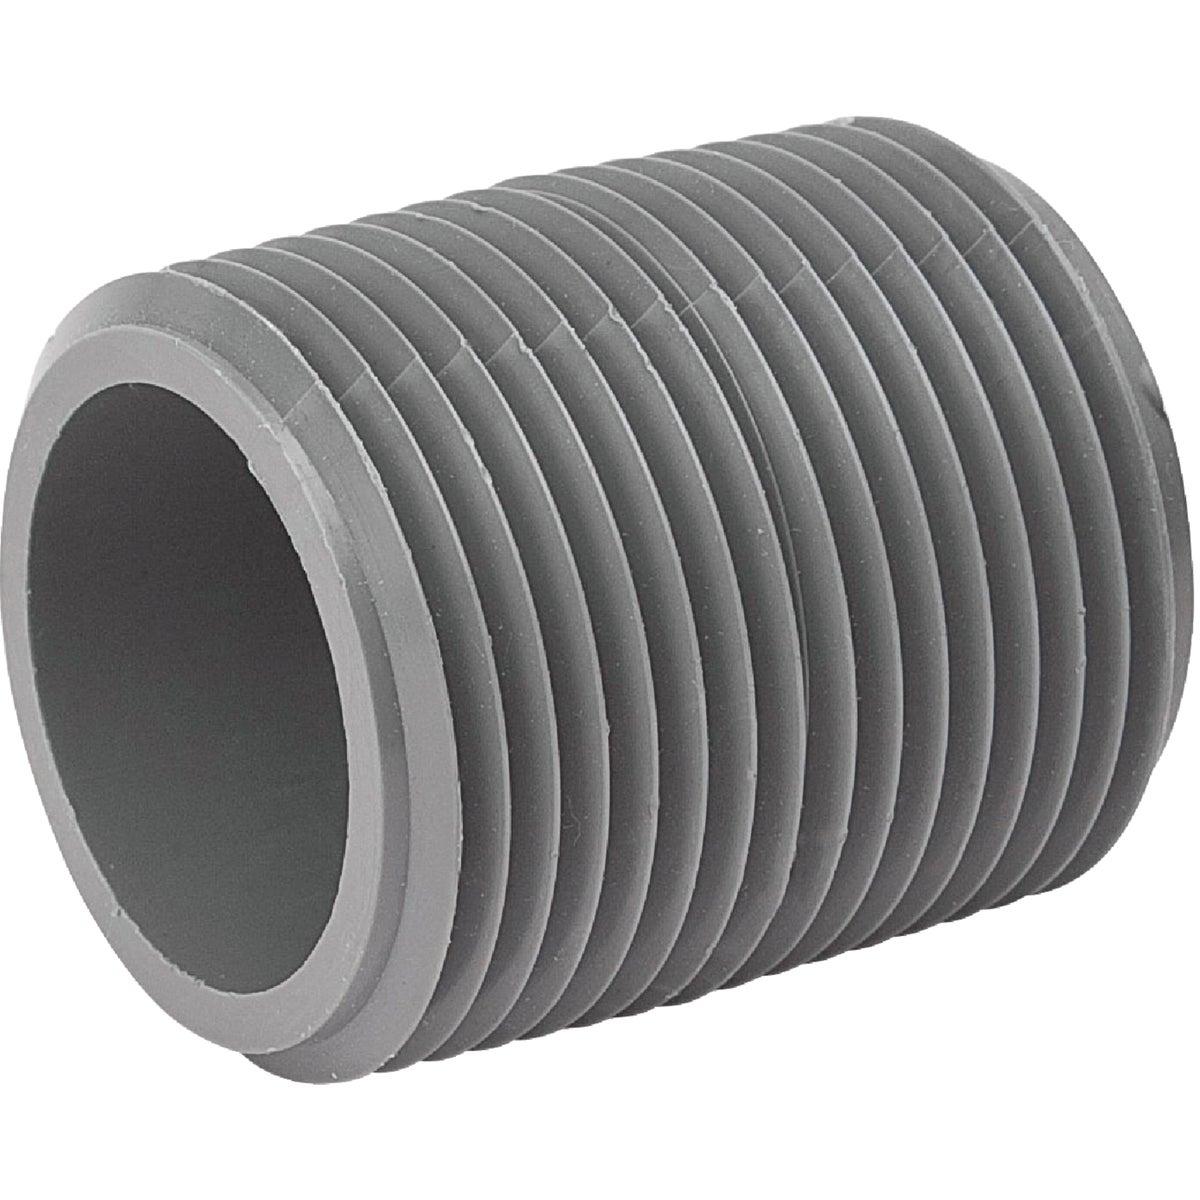 1-1/4XCL PVC NIPPLE - 406-001 by Mueller B K